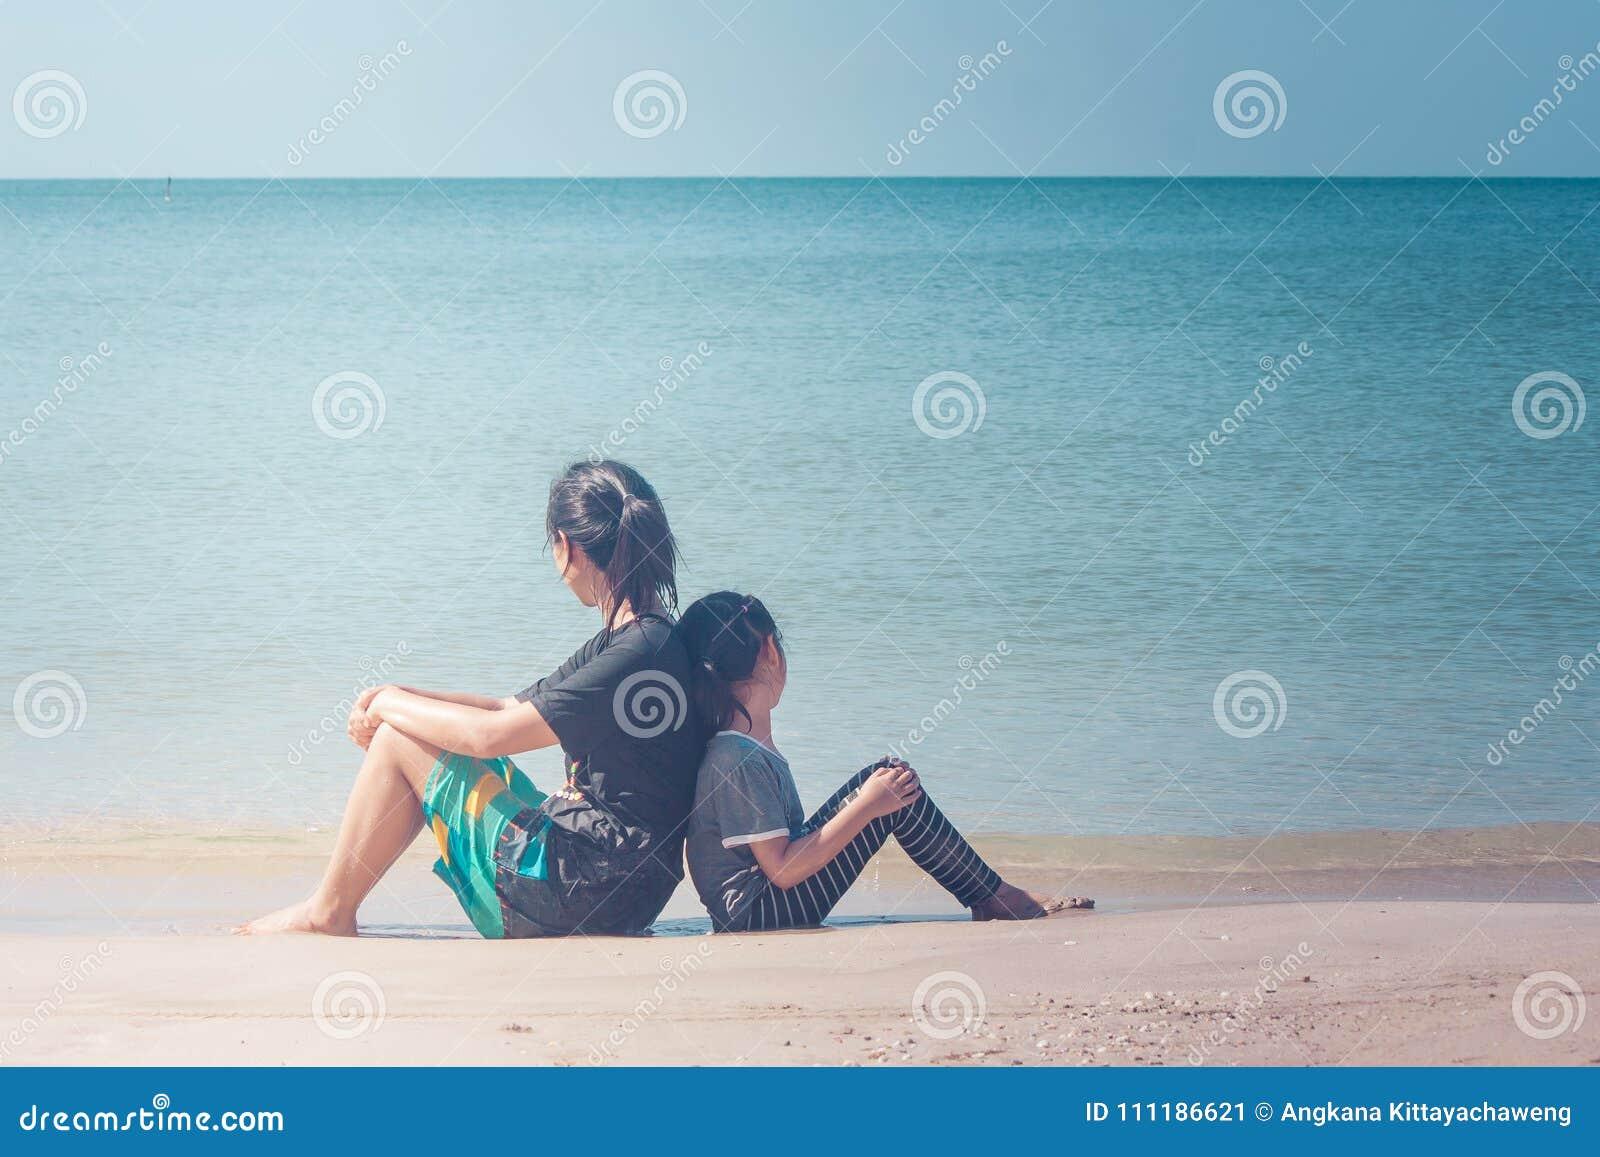 Sommer-Ferien und Feiertags-Konzept: Glückliche Familientagesreise in dem Meer, die Frau und Kind, die zurück zu Rückseite sitzen